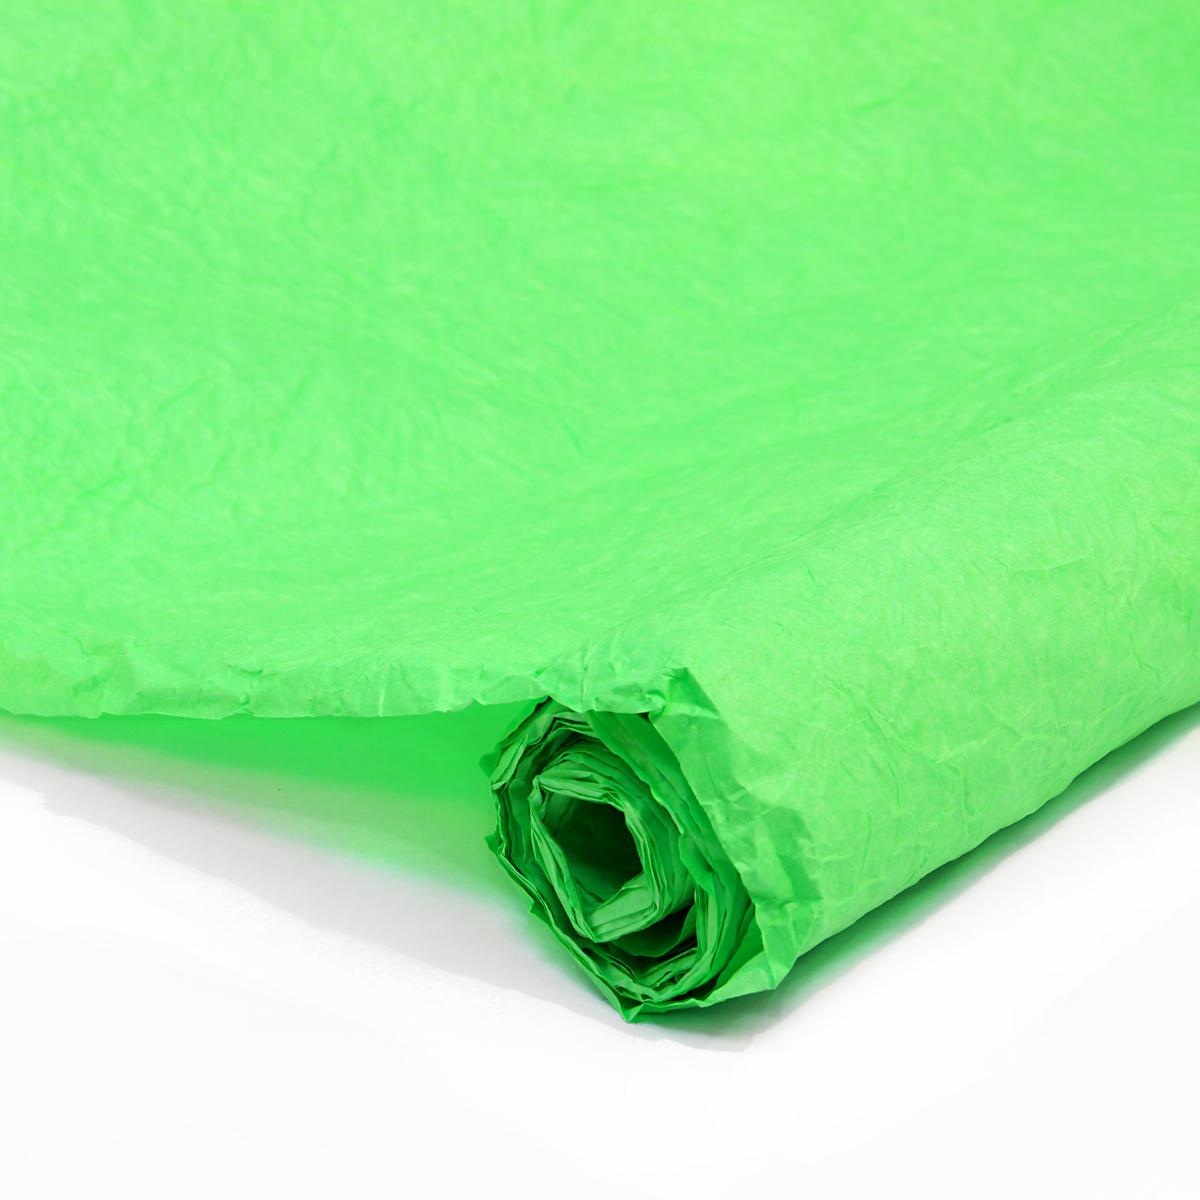 Бумага упаковочная Veld-Co Эколюкc, цвет: салатовый, 70 см х 5 м44102Бумага Veld-Co Эколюкc - это универсальный материал дляупаковки подарков и оформления букетов. Она достаточноплотная и в тоже время пластичная. Благодаря органичнойфактуре, великолепно ложится и на нестандартные формы(круглые, овальные). Эта бумага хорошо комбинируется с другими материалами. Её можноиспользовать в качестве декоративных элементов. К ней легко подобратьаксессуары - подойдут натуральные шнуры, рафия, ленты (репсовая,шёлковая, хлопковая). Благодаря этому материалу - мастер выполнитлюбую задачу, поставленную перед ним. Ко всему прочему- бумагу в рулоне удобнее хранить, использовать,транспортировать.